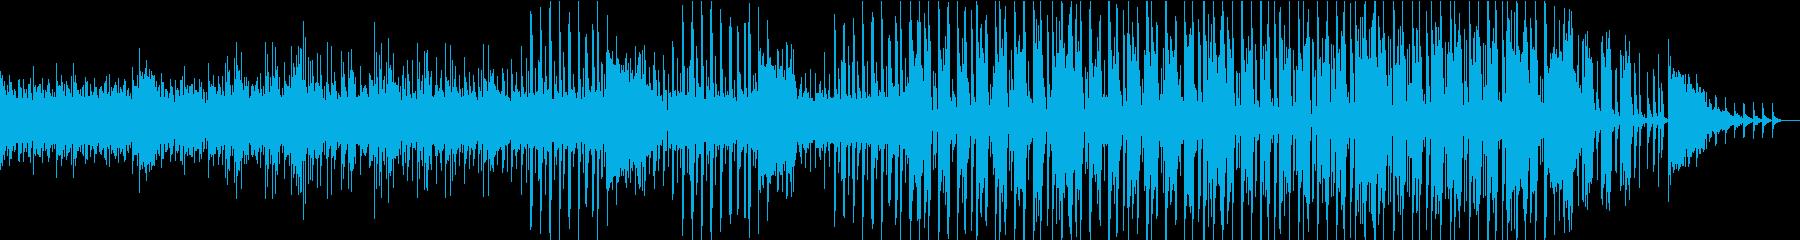 シンセを使った怪しい感じのBGMの再生済みの波形